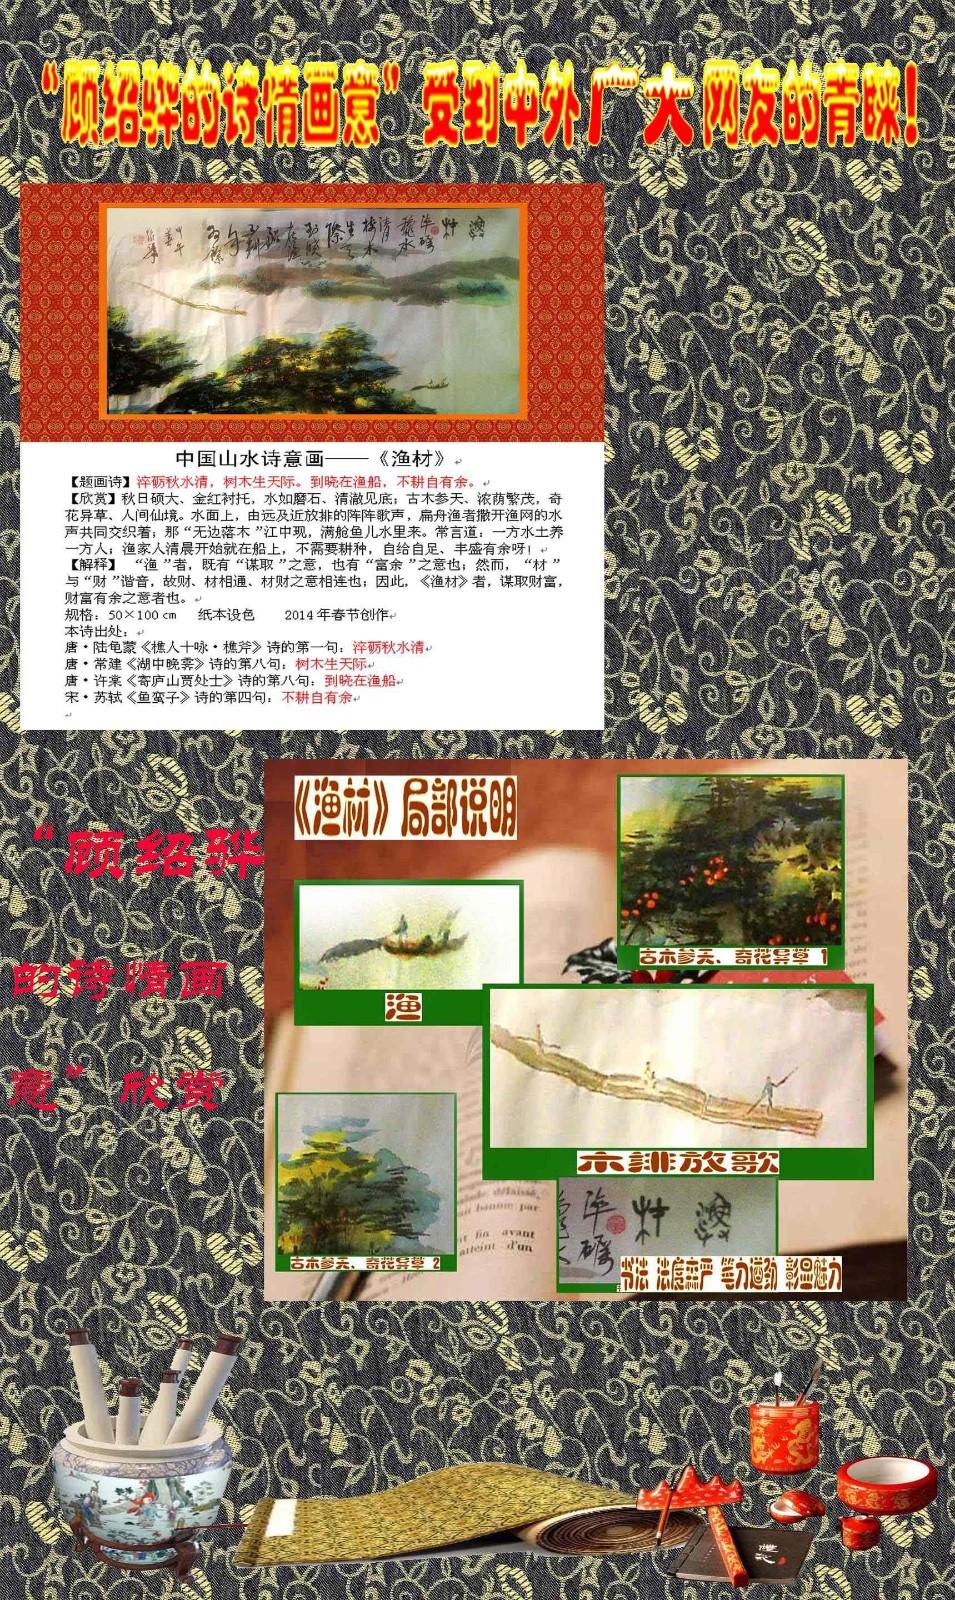 顾绍骅在中国画方面作出的一点贡献_图1-30